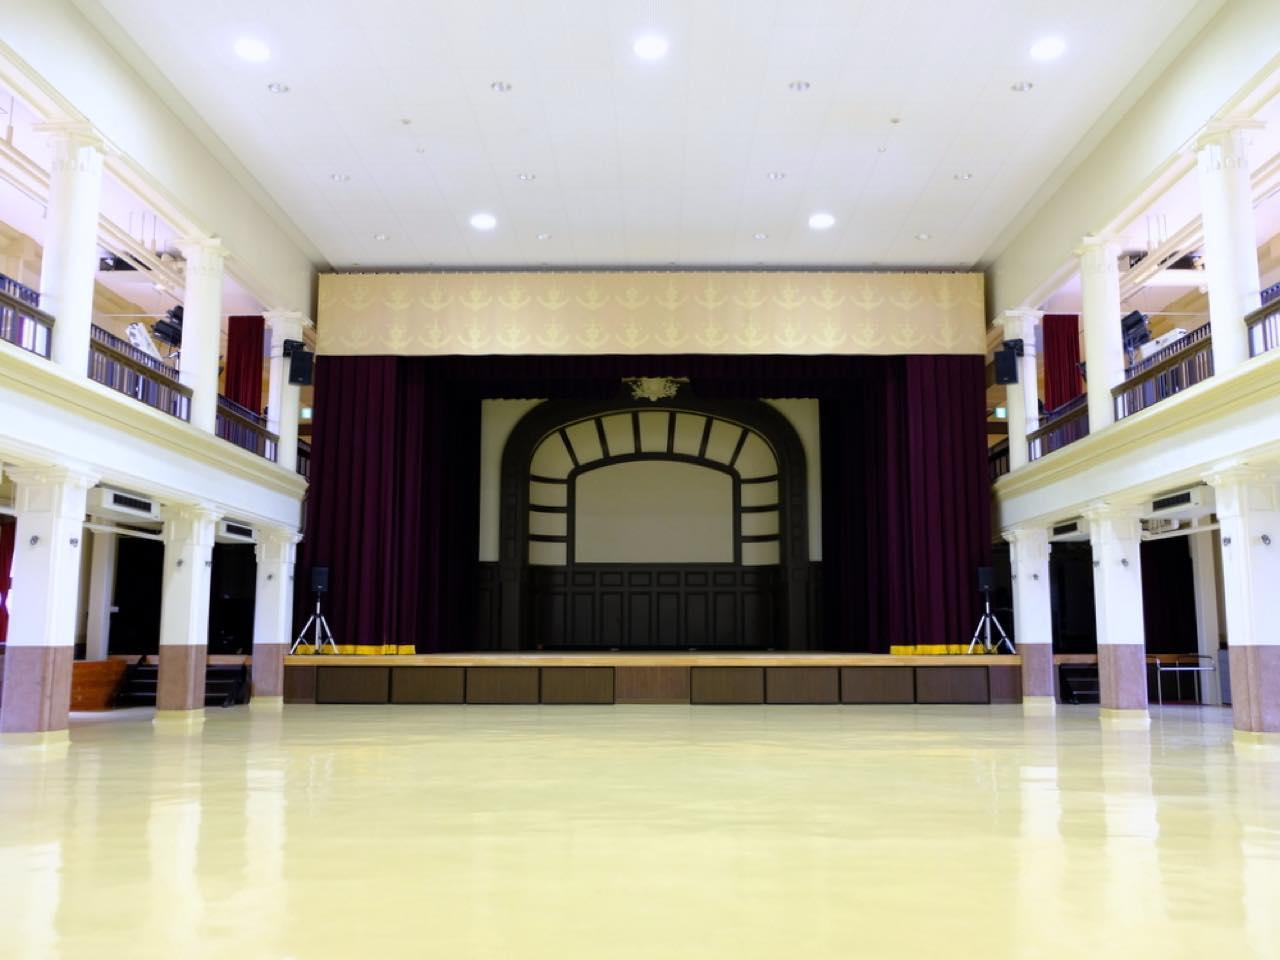 画像: 内部は舞台とホール、そして2階バルコニー。当初は日本海軍の催しなどに利用され、その後米軍接収時代はダンスホールなどとして使われました。そして今では、演奏や演劇、ダンスの発表会などで利用されるホールとなっています。